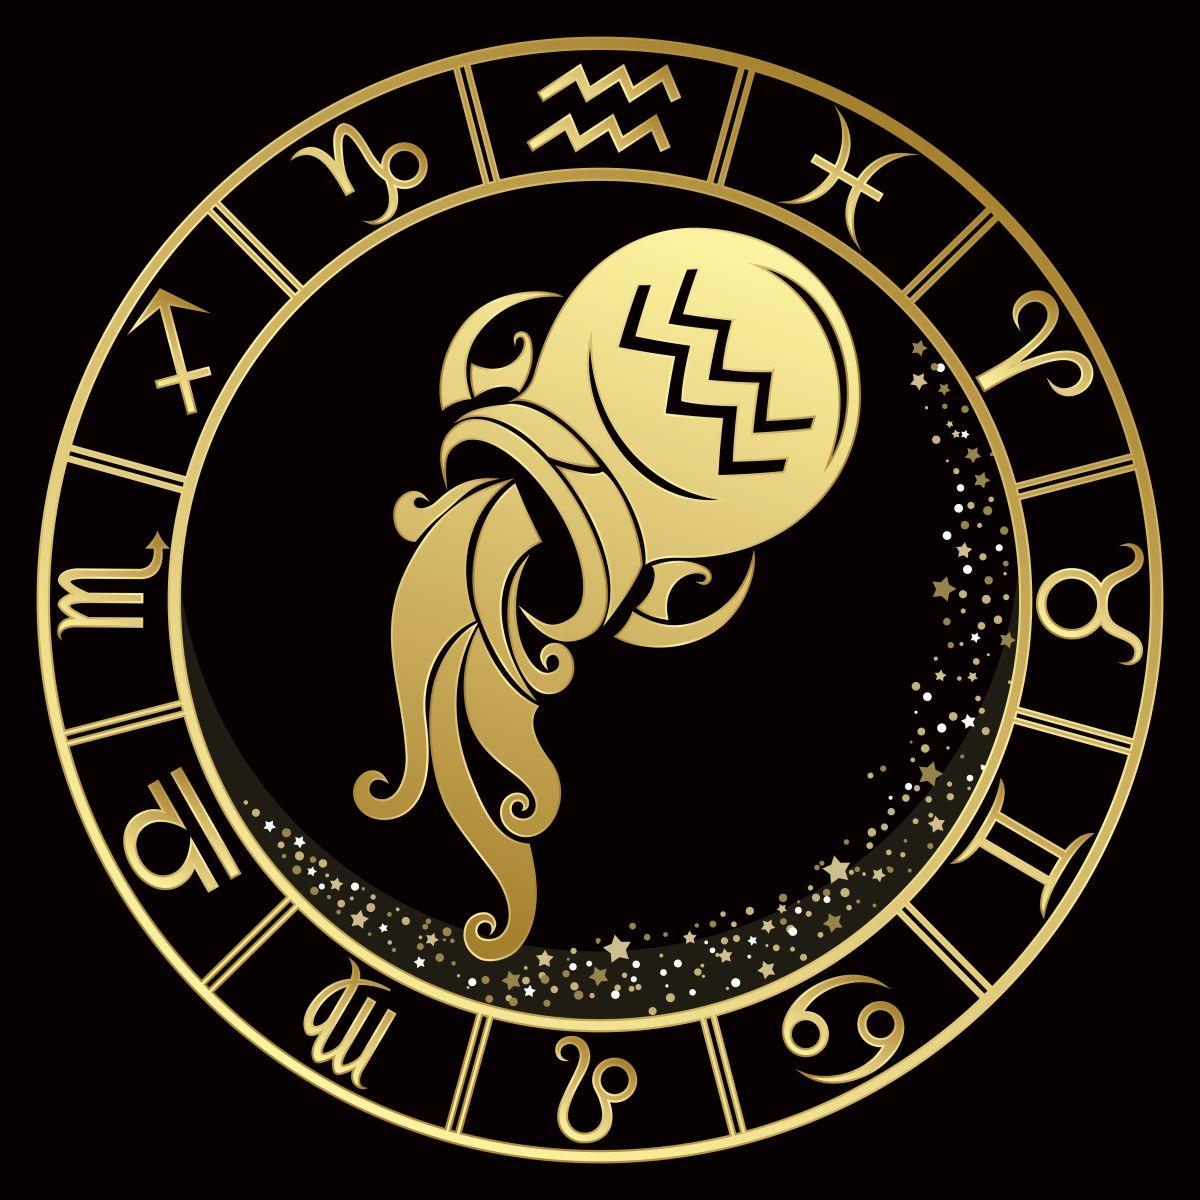 Horóscopo: Qué le espera al signo de Acuario en este mes de junio